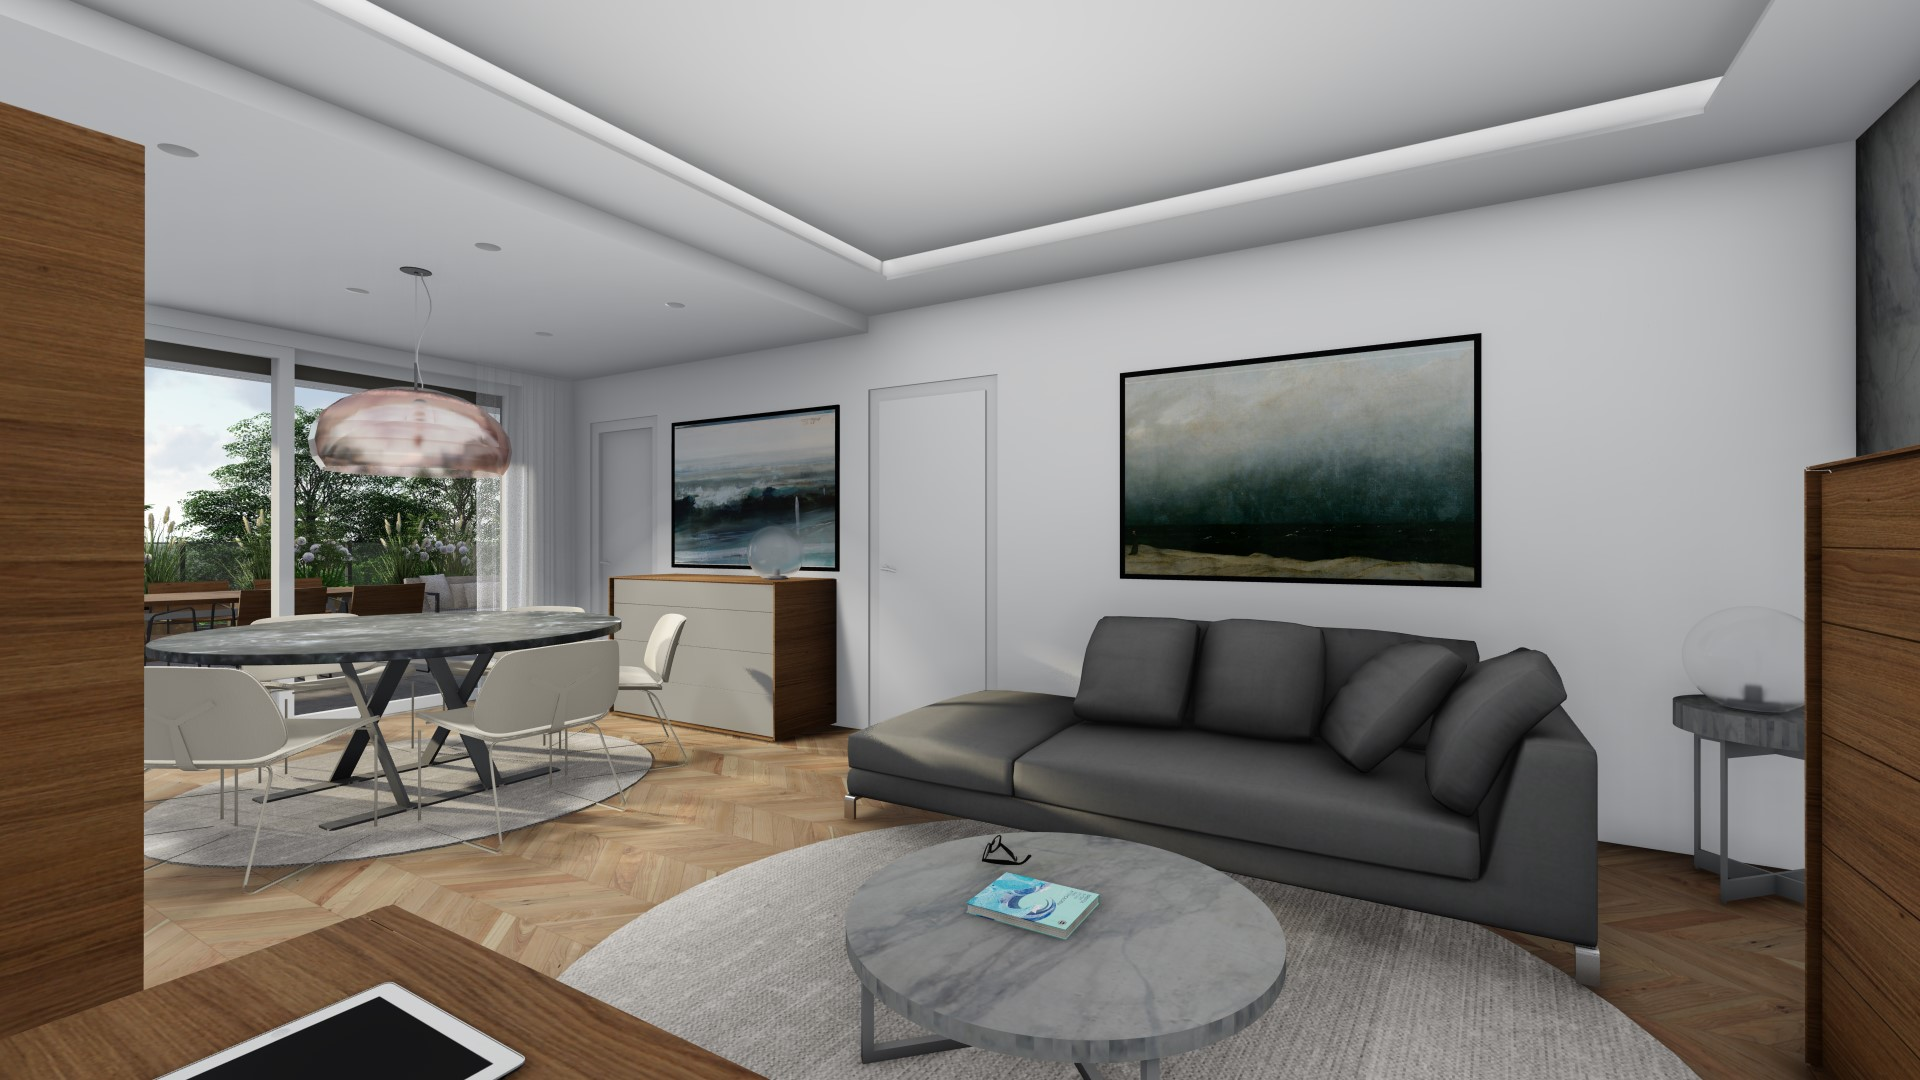 appartamenti in vendita Treviglio - zona living